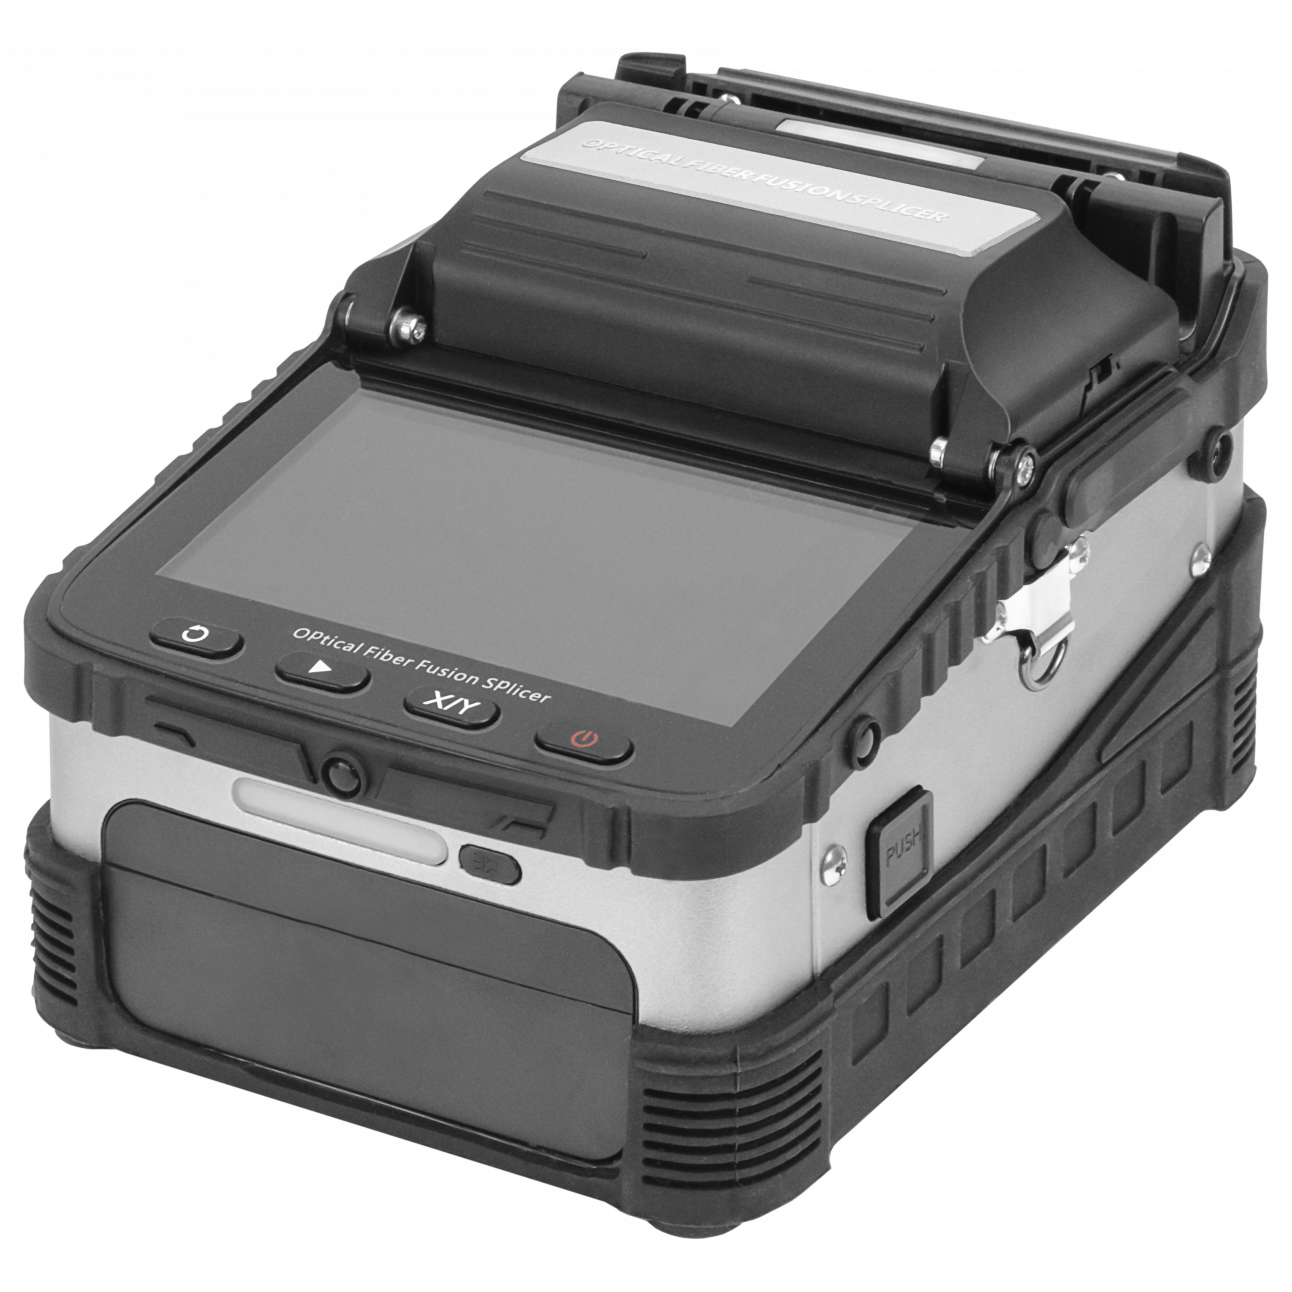 Автоматический сварочный аппарат SNR-FS-6m (после теста, комплект полный, потертый корпус,царапины)